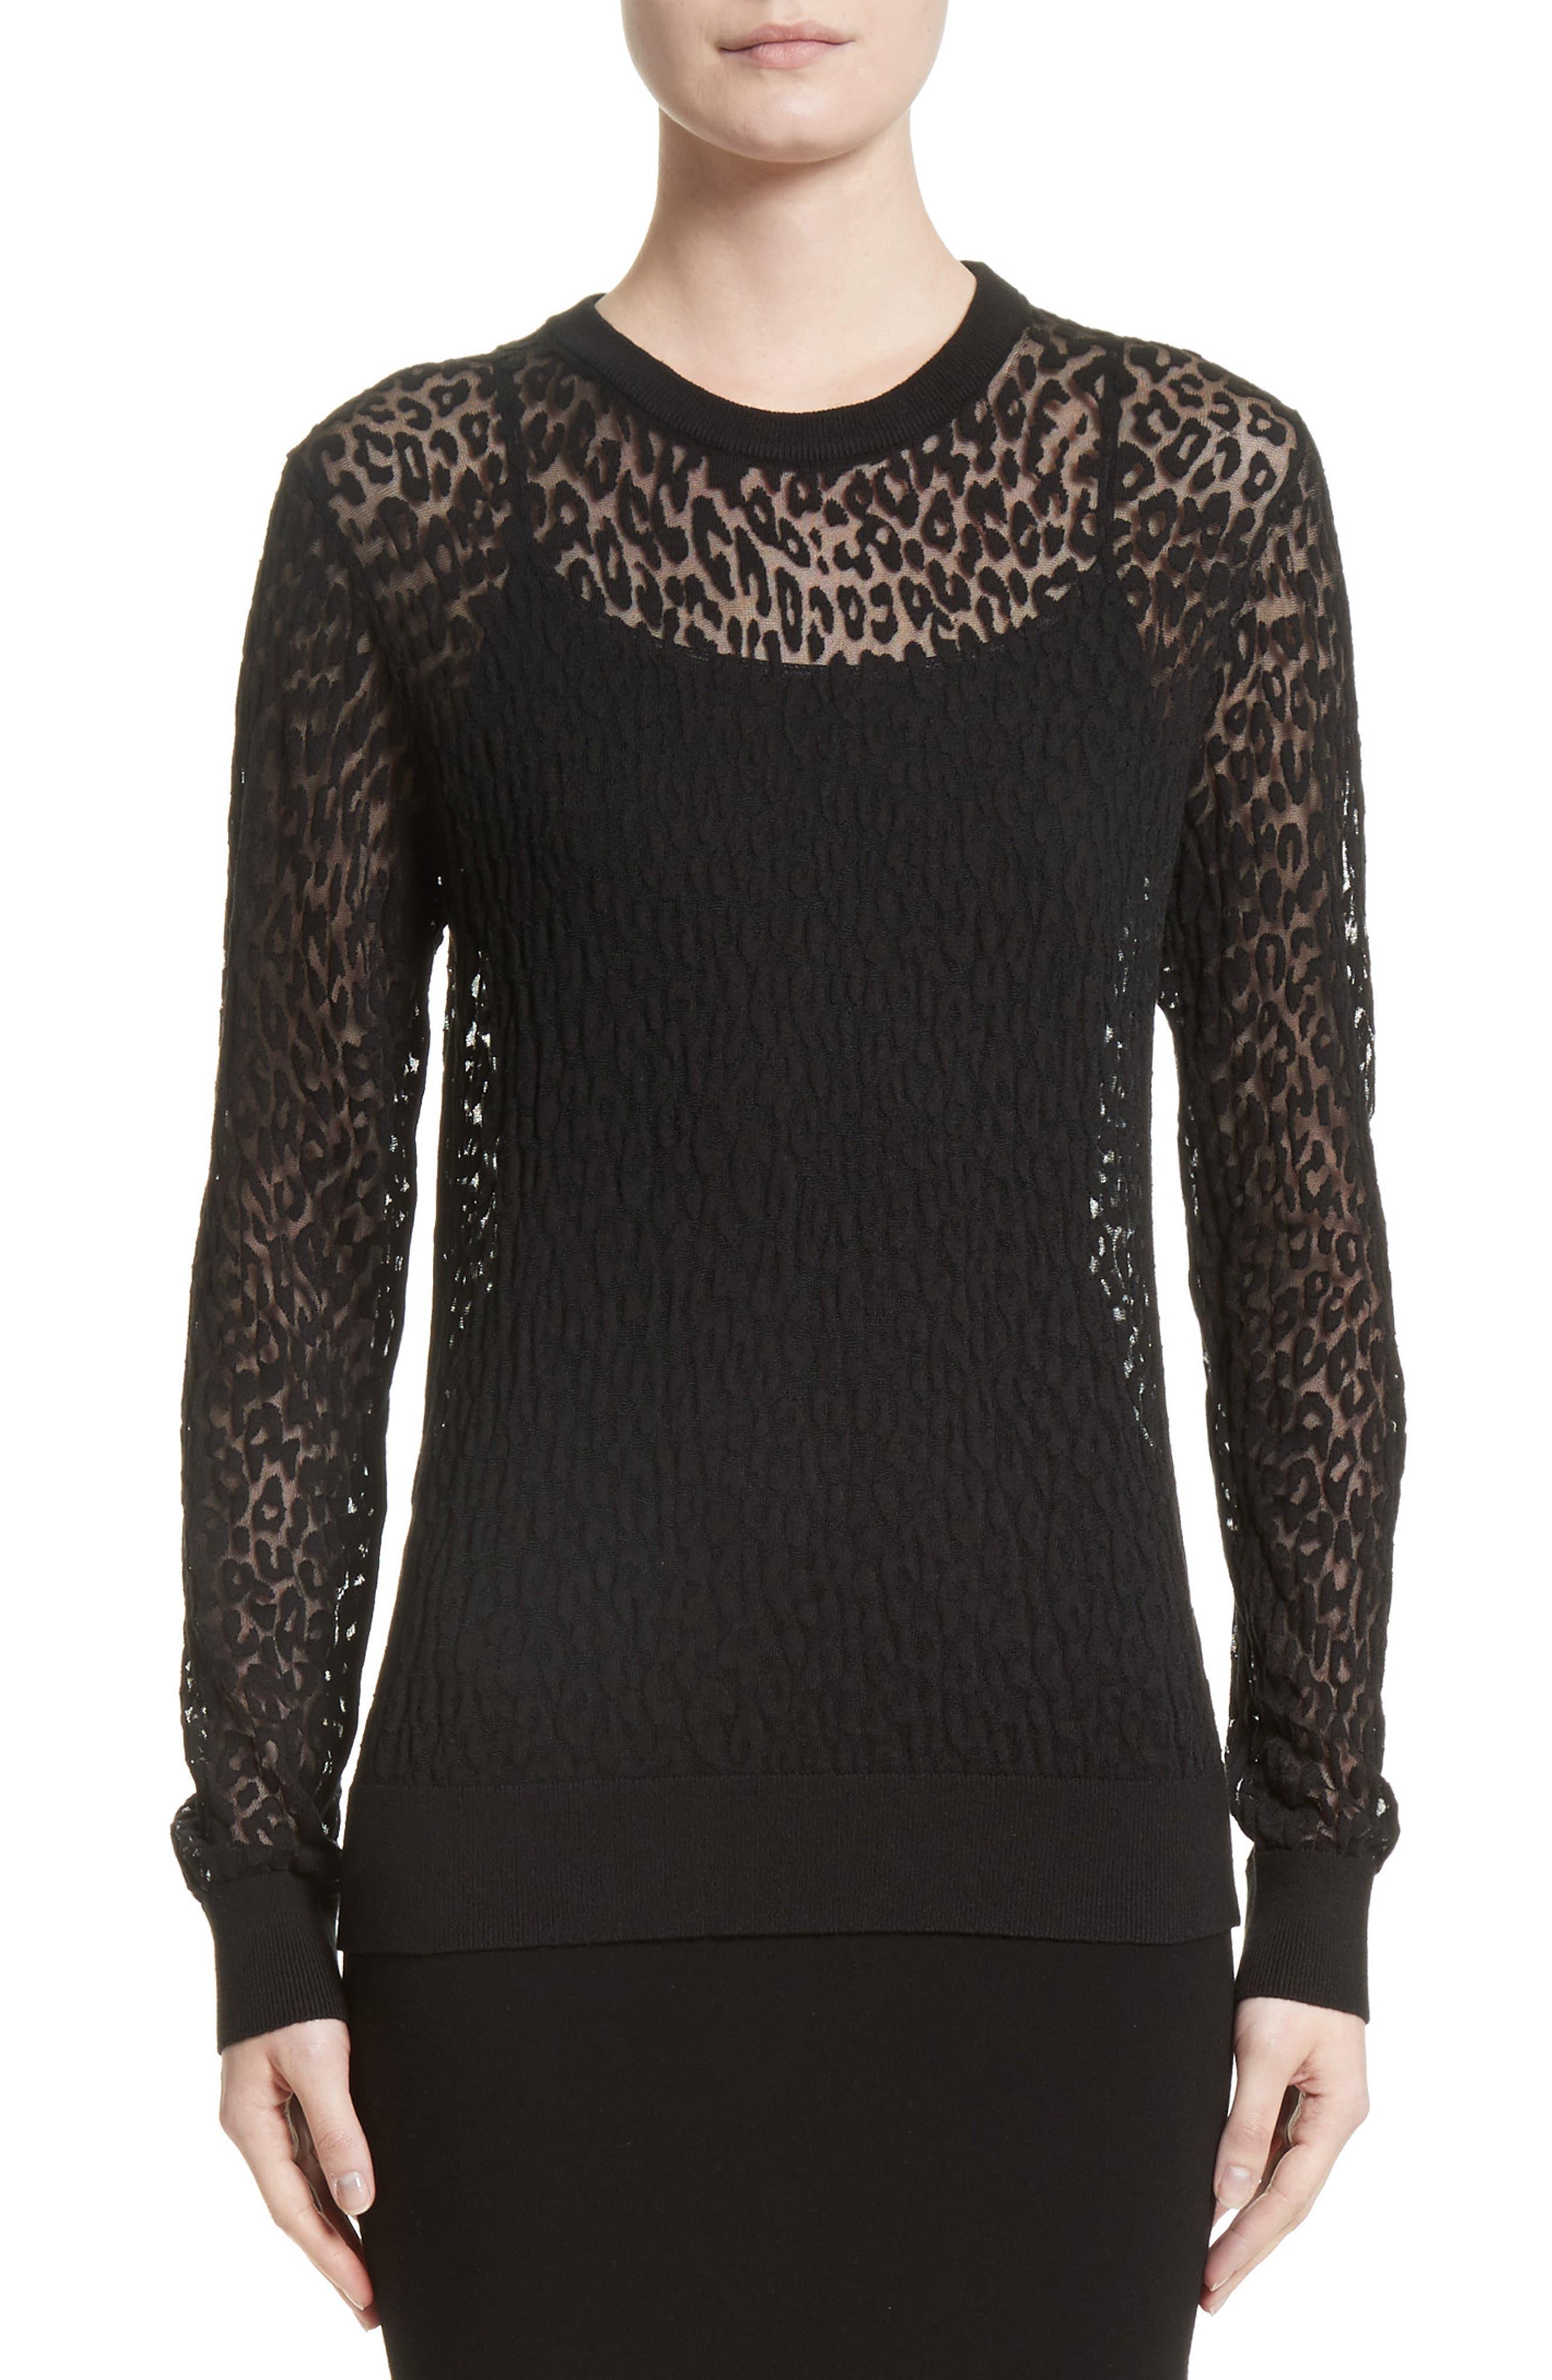 Main Image - Michael Kors Burnout Leopard Sweater